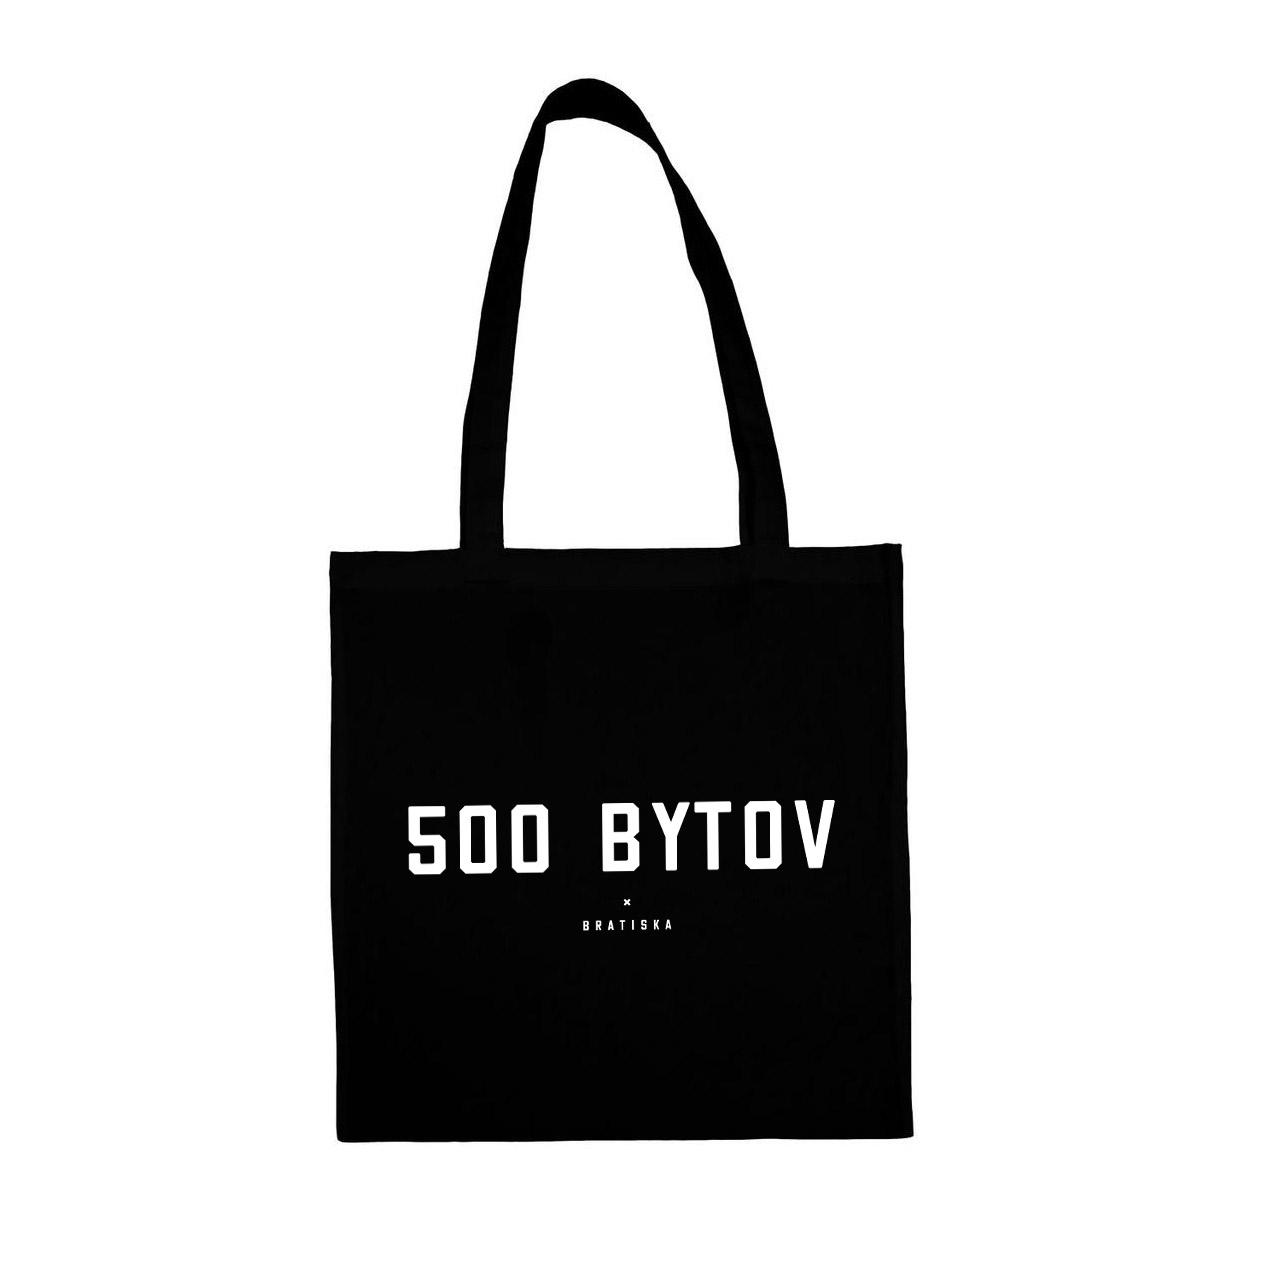 500 bytov